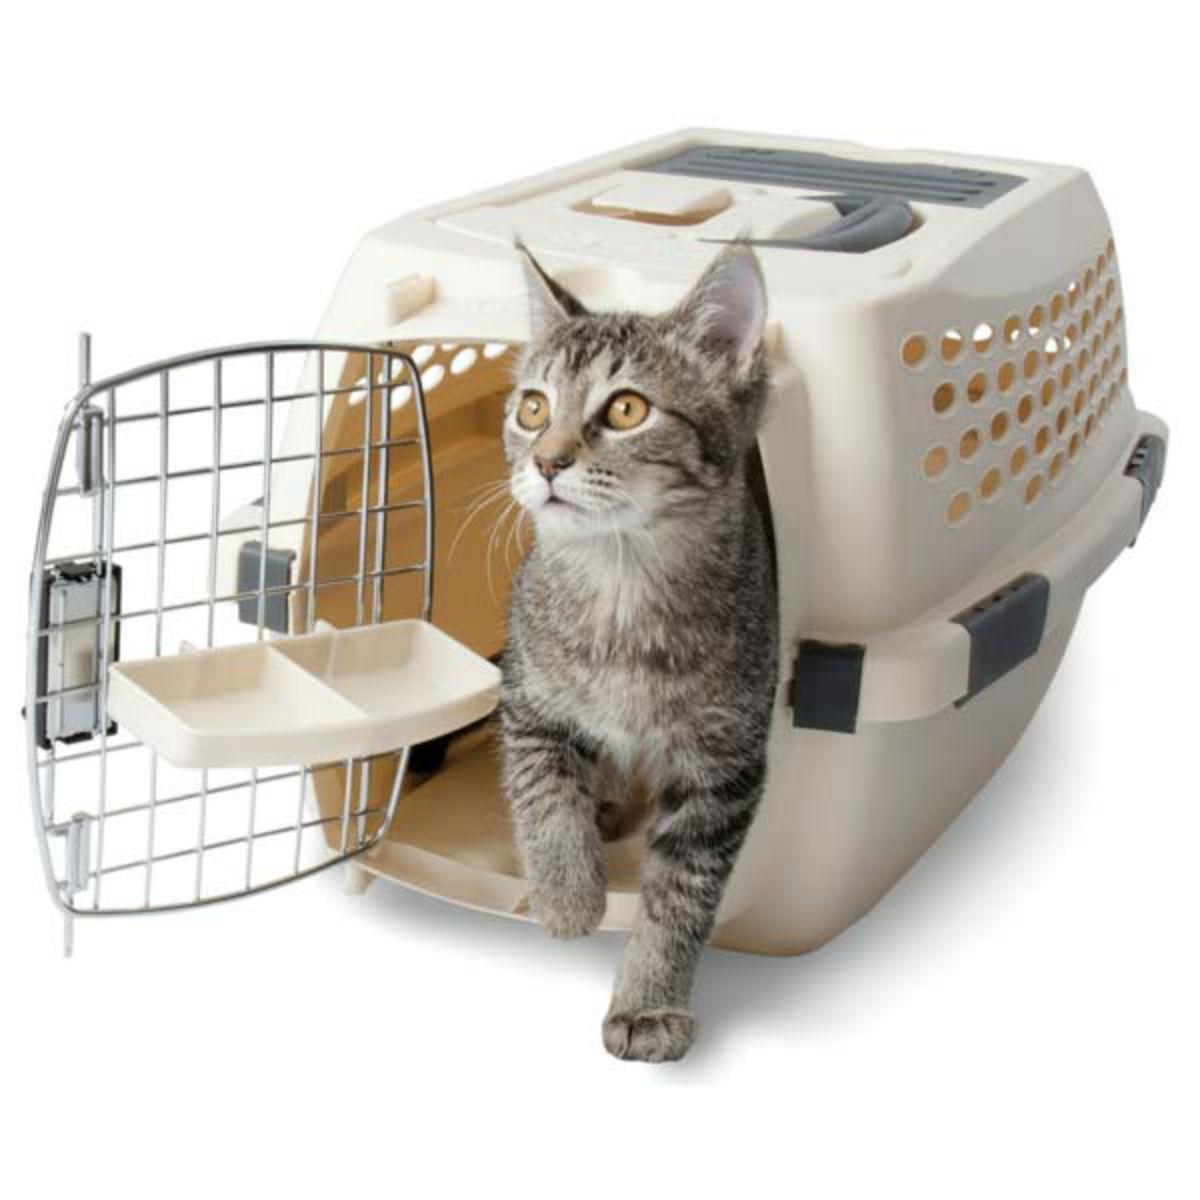 Petmate Vari Kennel Dog Crate